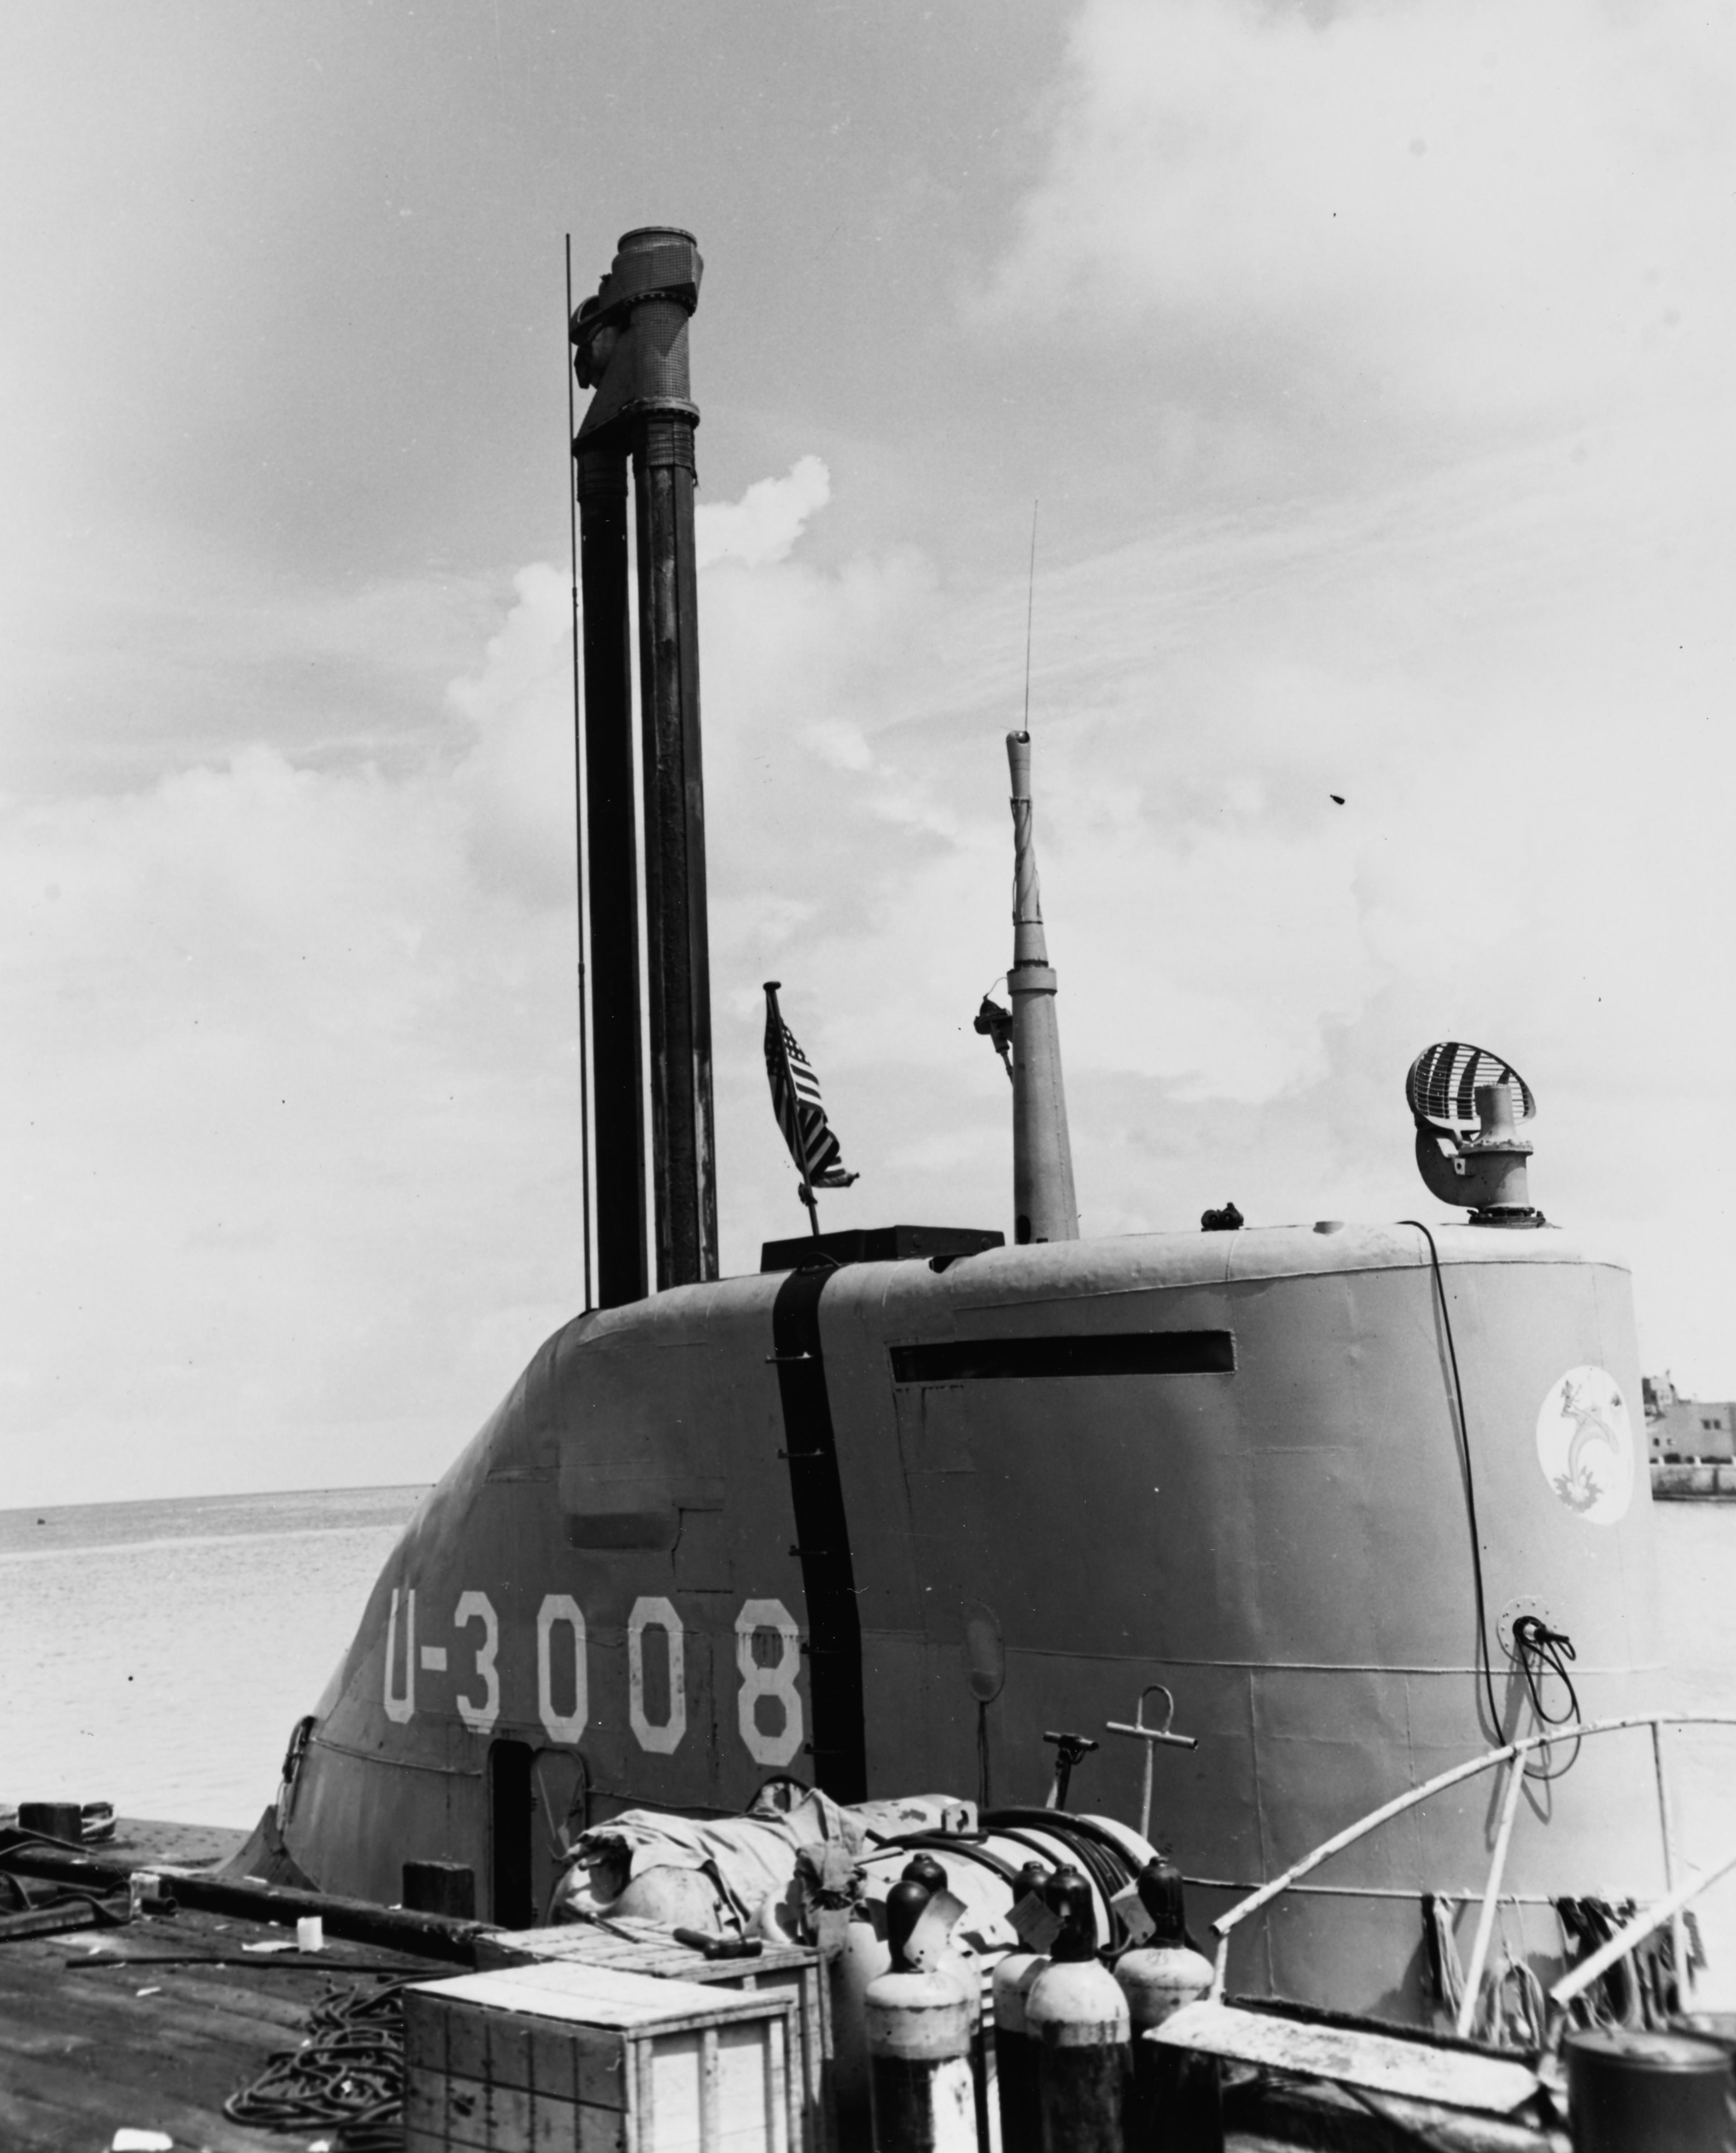 שנורקל מורם בצוללת גרמנית - הפודקאסט עושים היסטוריה